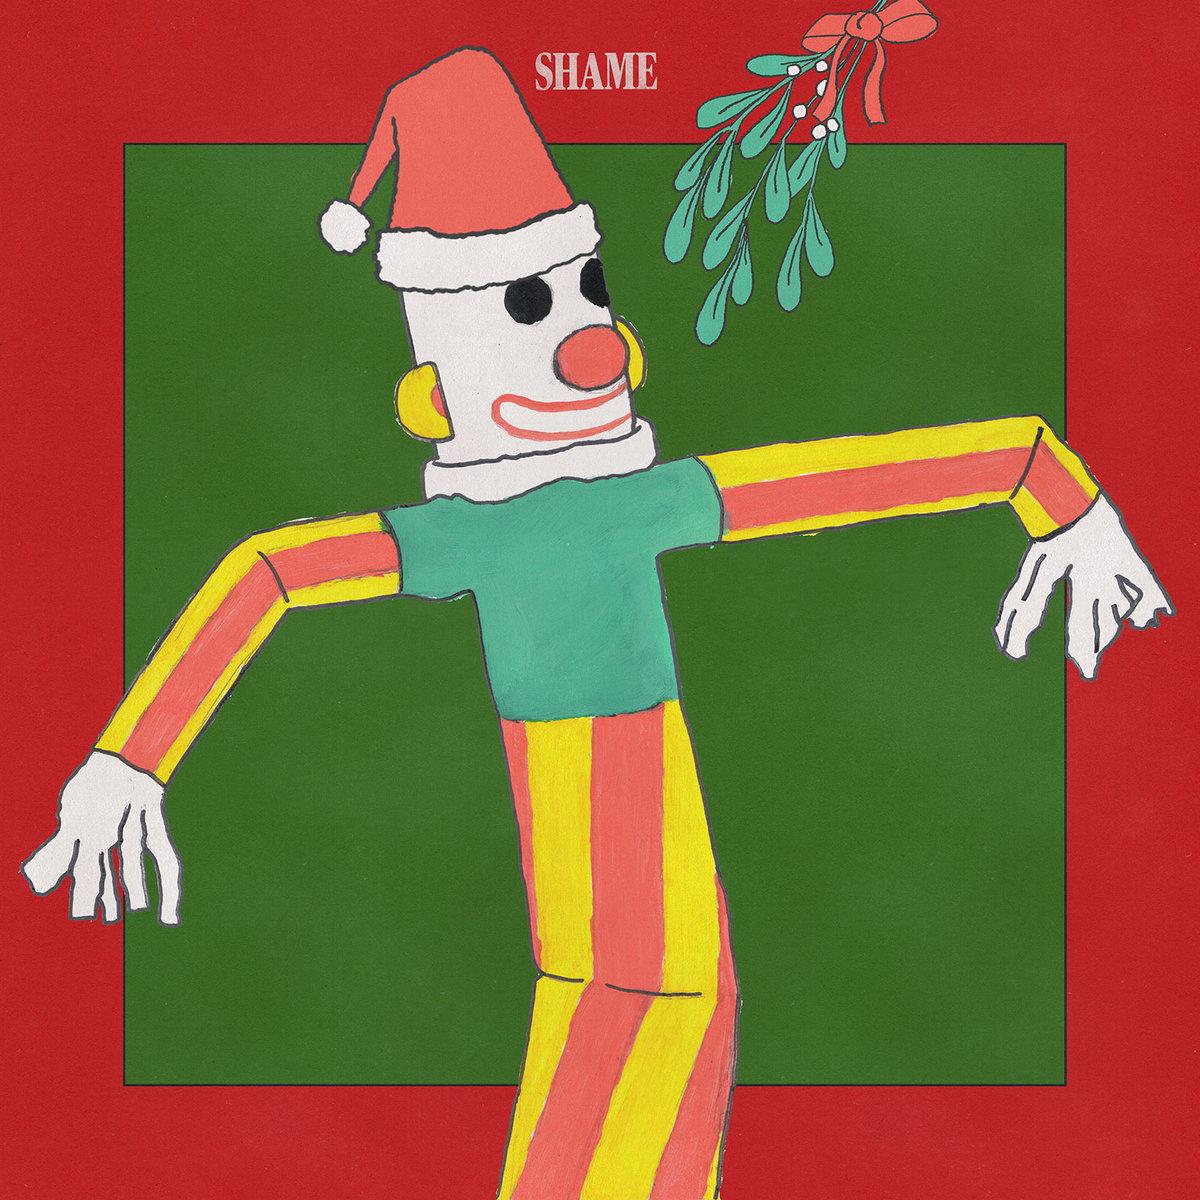 feliz navidad shame